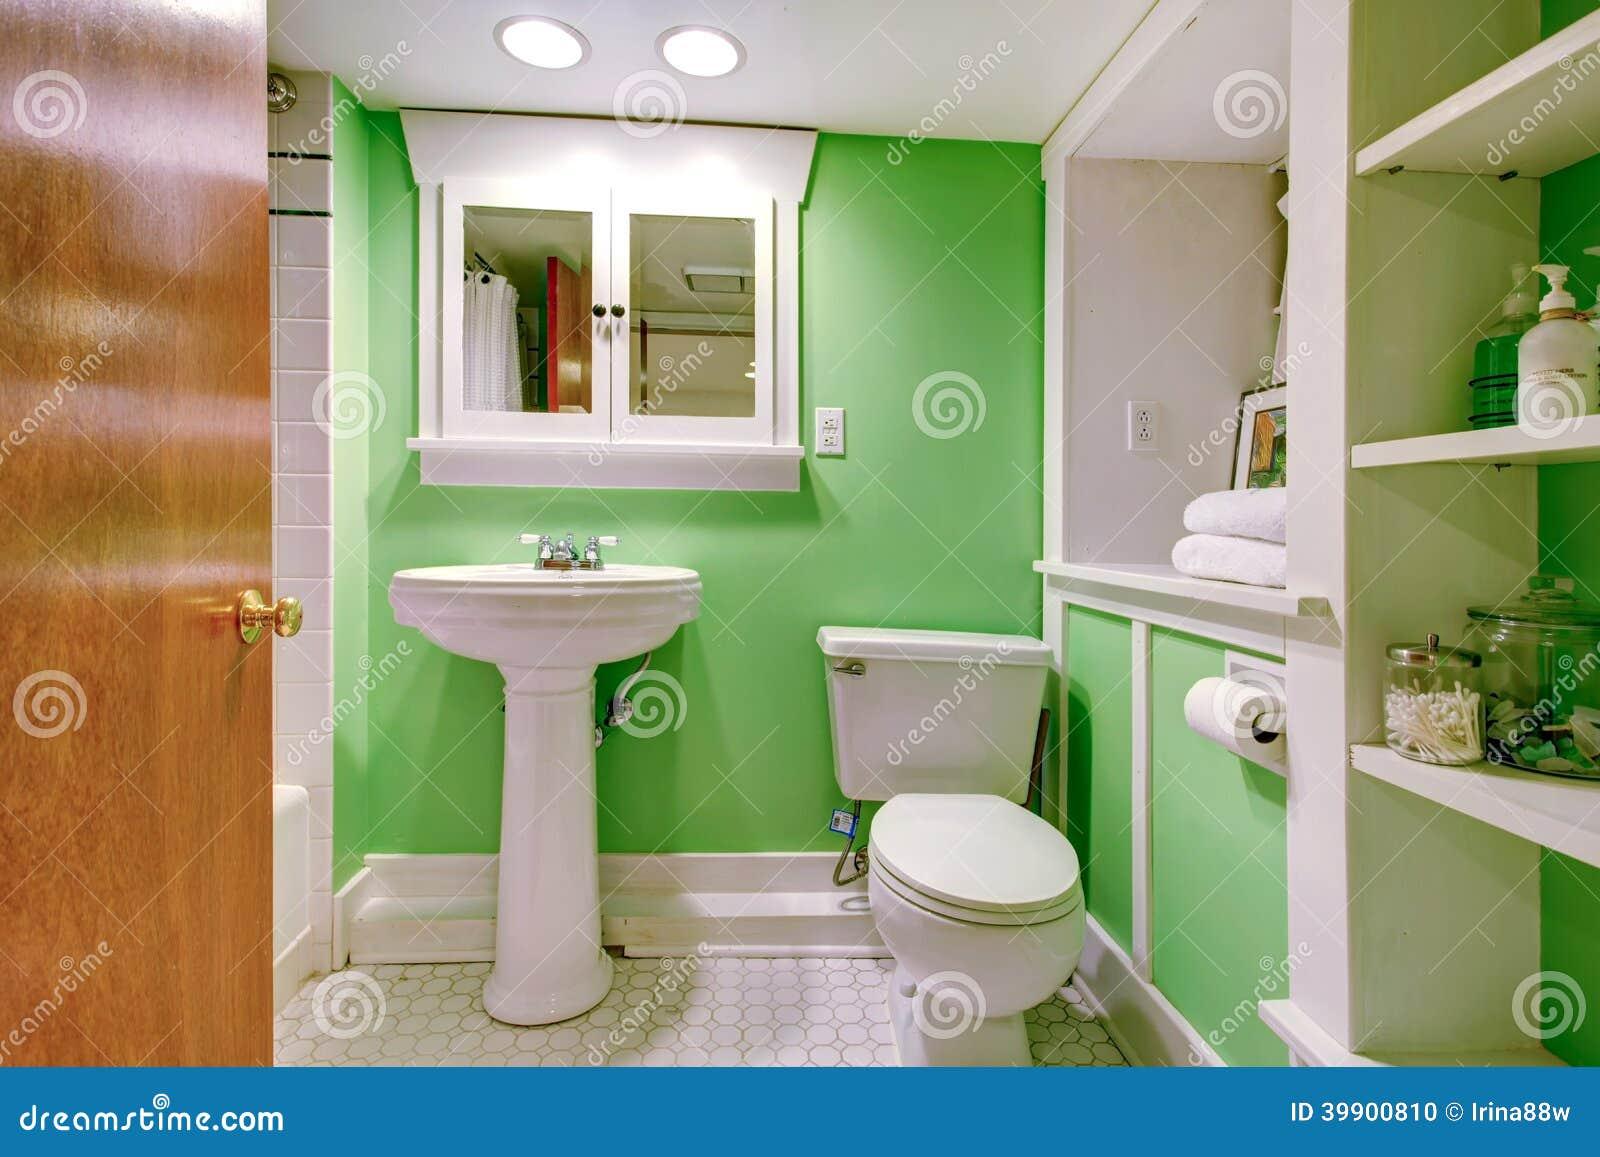 Grönt och vitt badrum arkivfoto   bild: 39900810